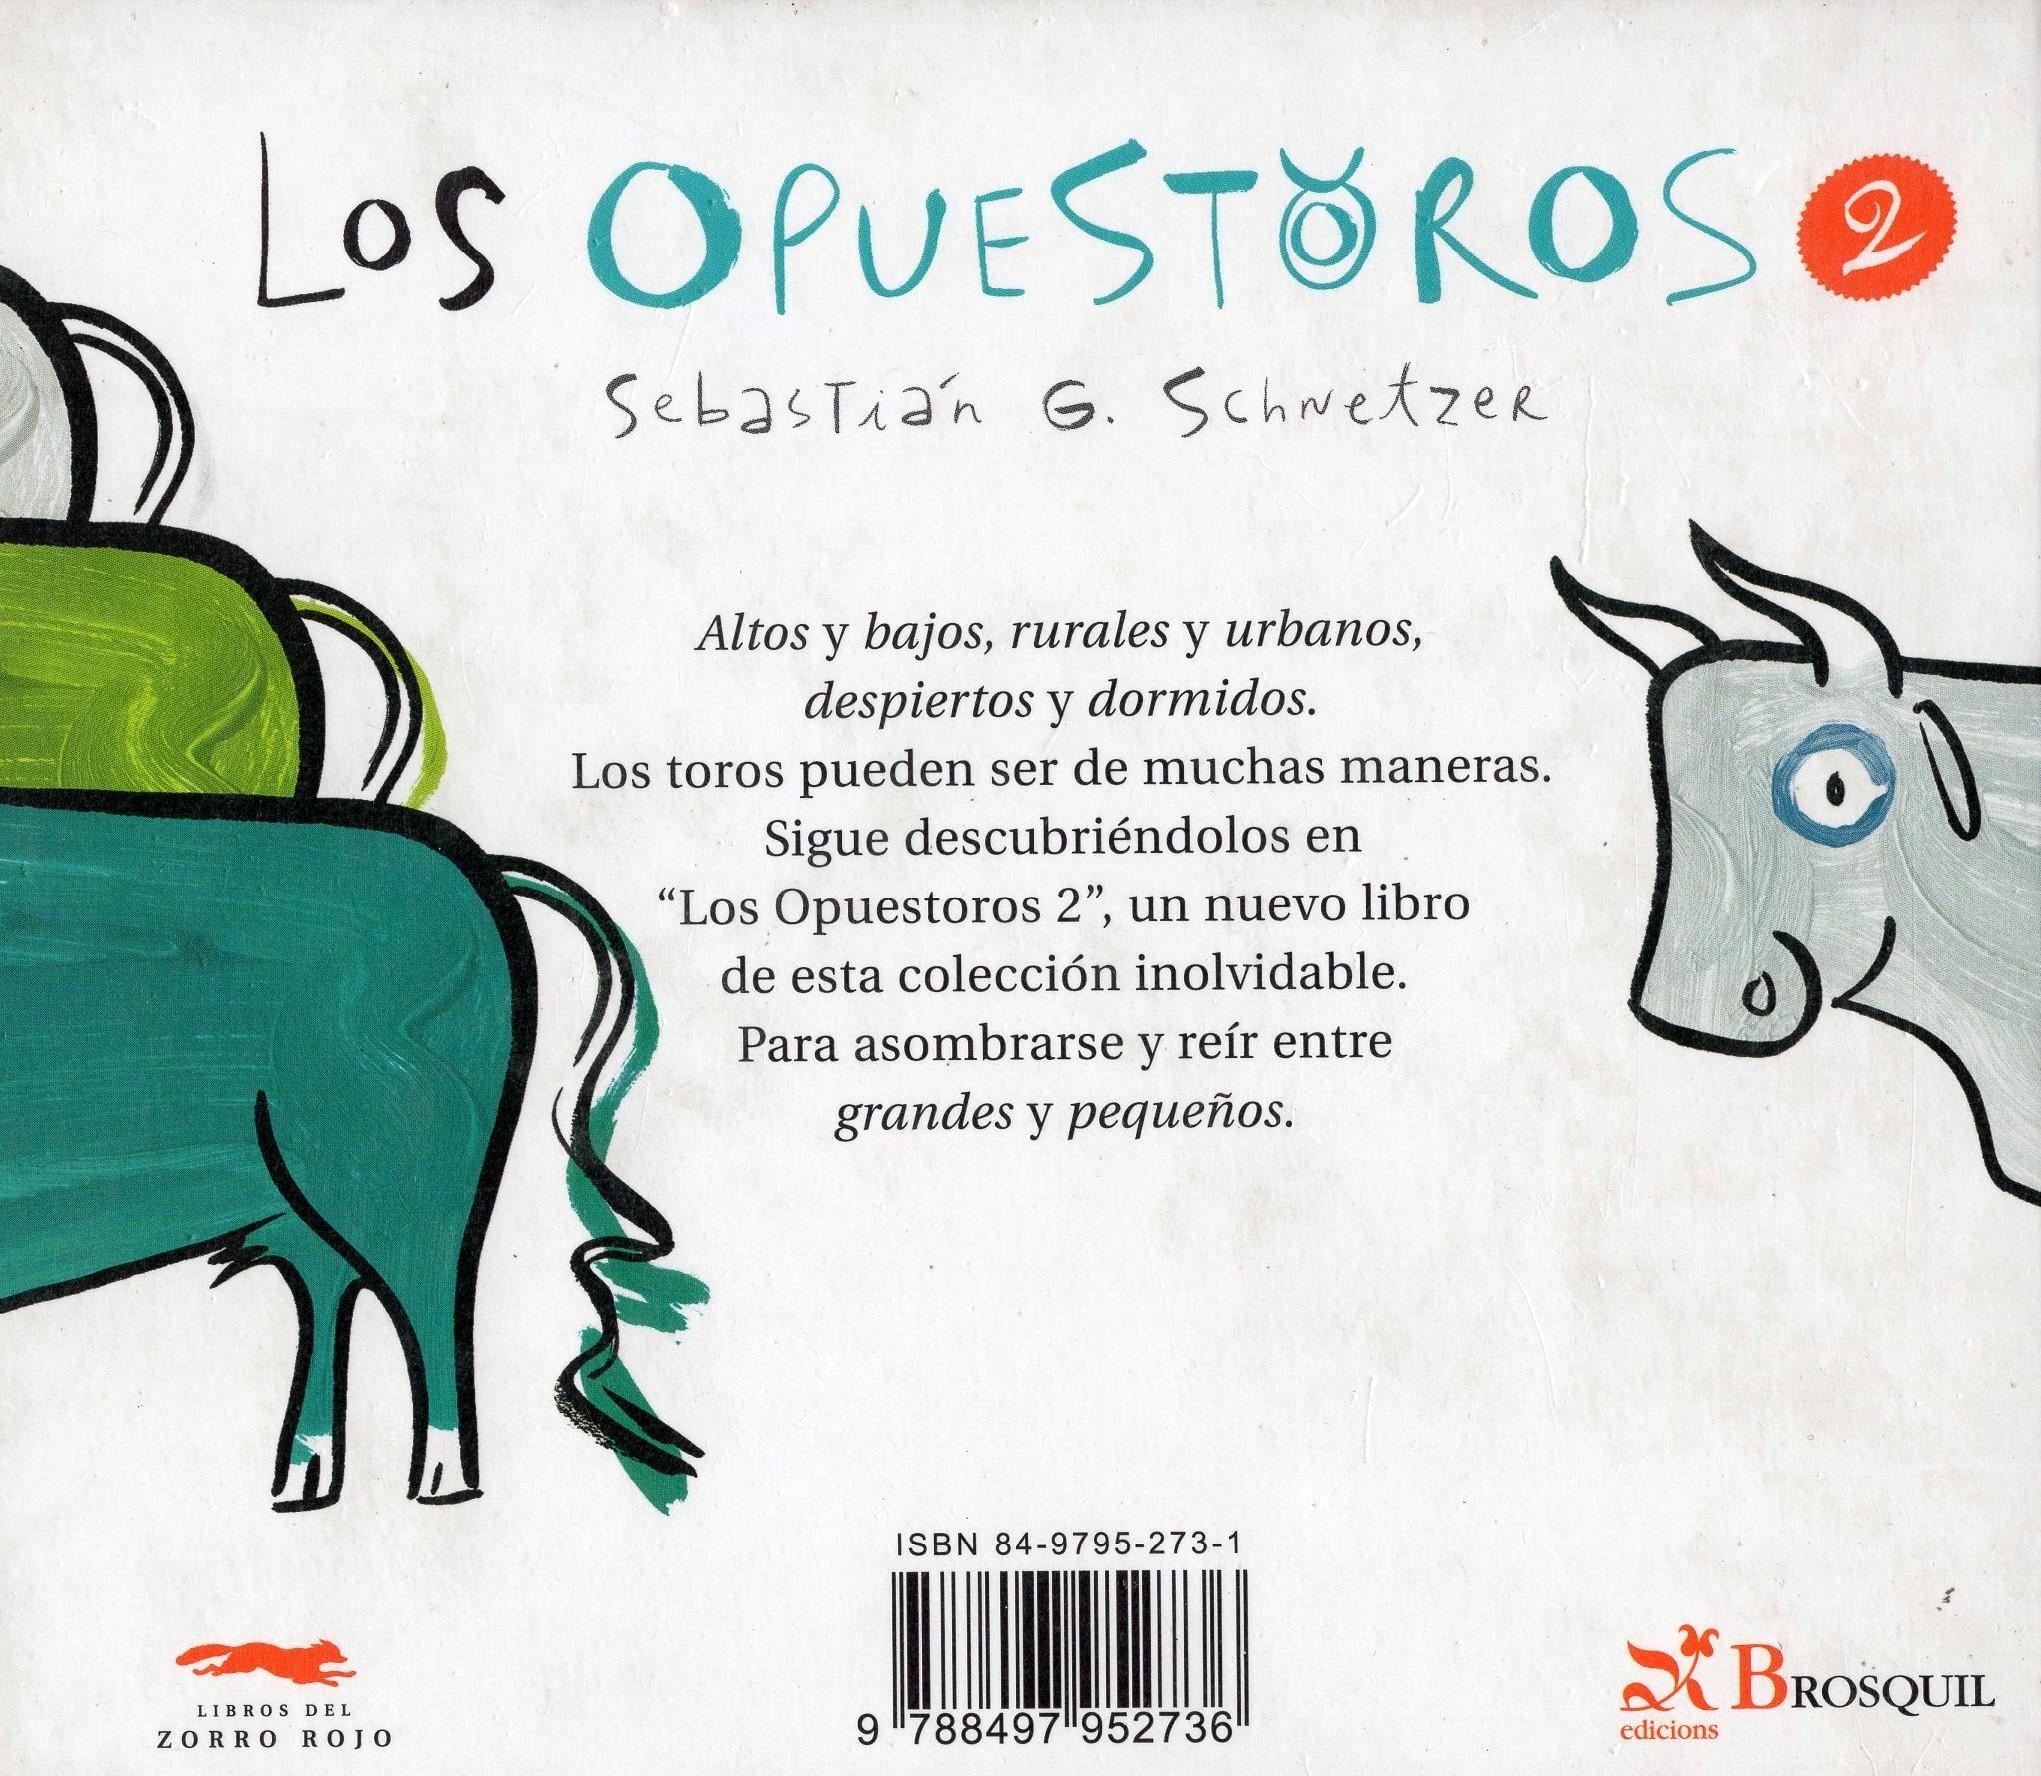 LOS OPUESTOROS 2